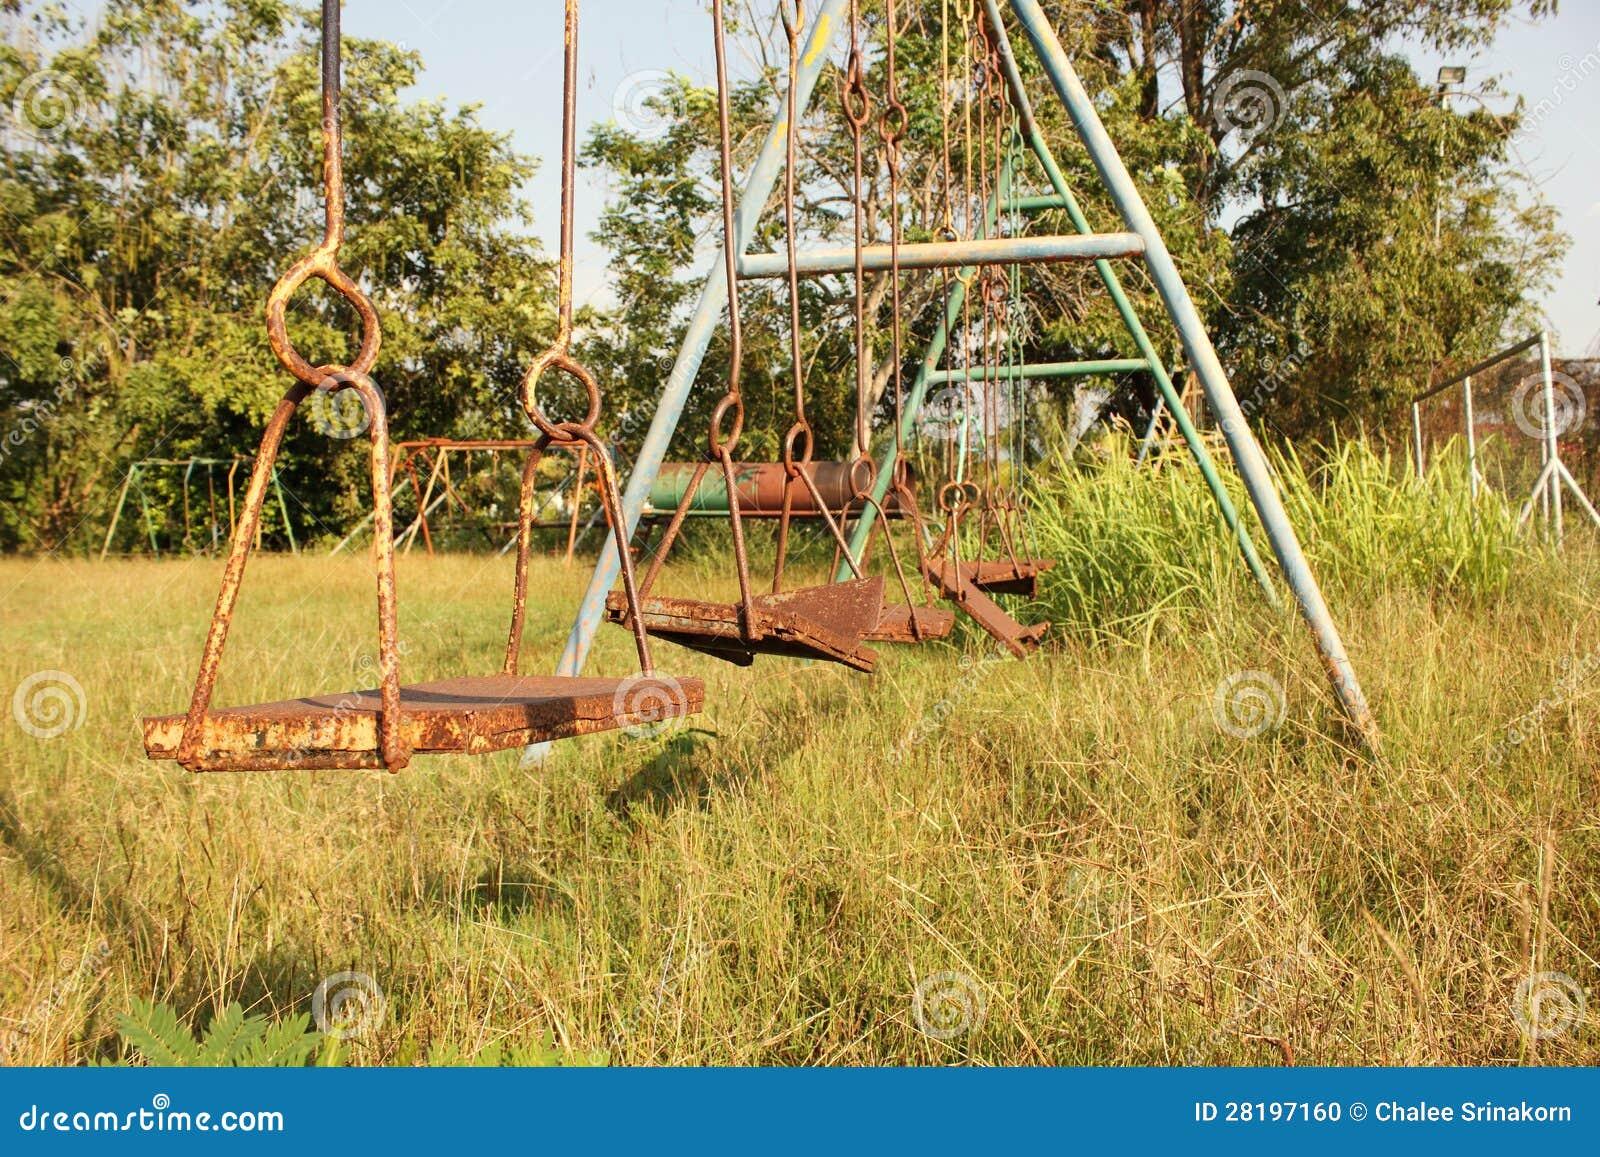 Abandoned Playground Stock Photo Image Of Dirty Damaged 28197160